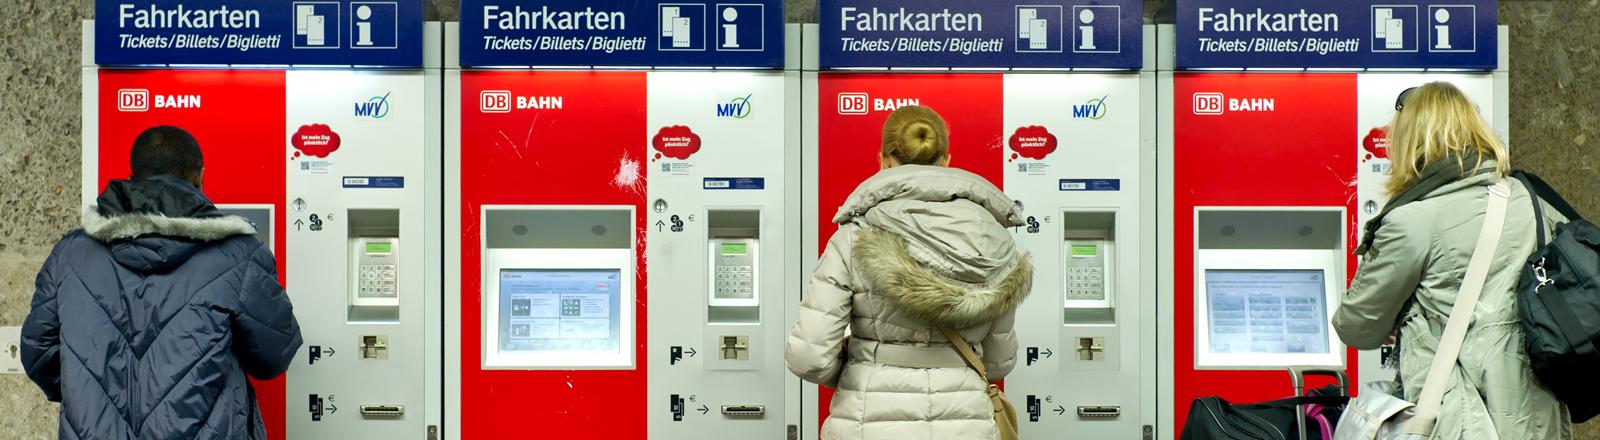 Fahrgäste der S/U-Bahn in München (Oberbayern) kaufen am 01.12.2011 an der Haltestelle Karlsplatz (Stachus) Fahrkarten an Fahrkartenautomaten.